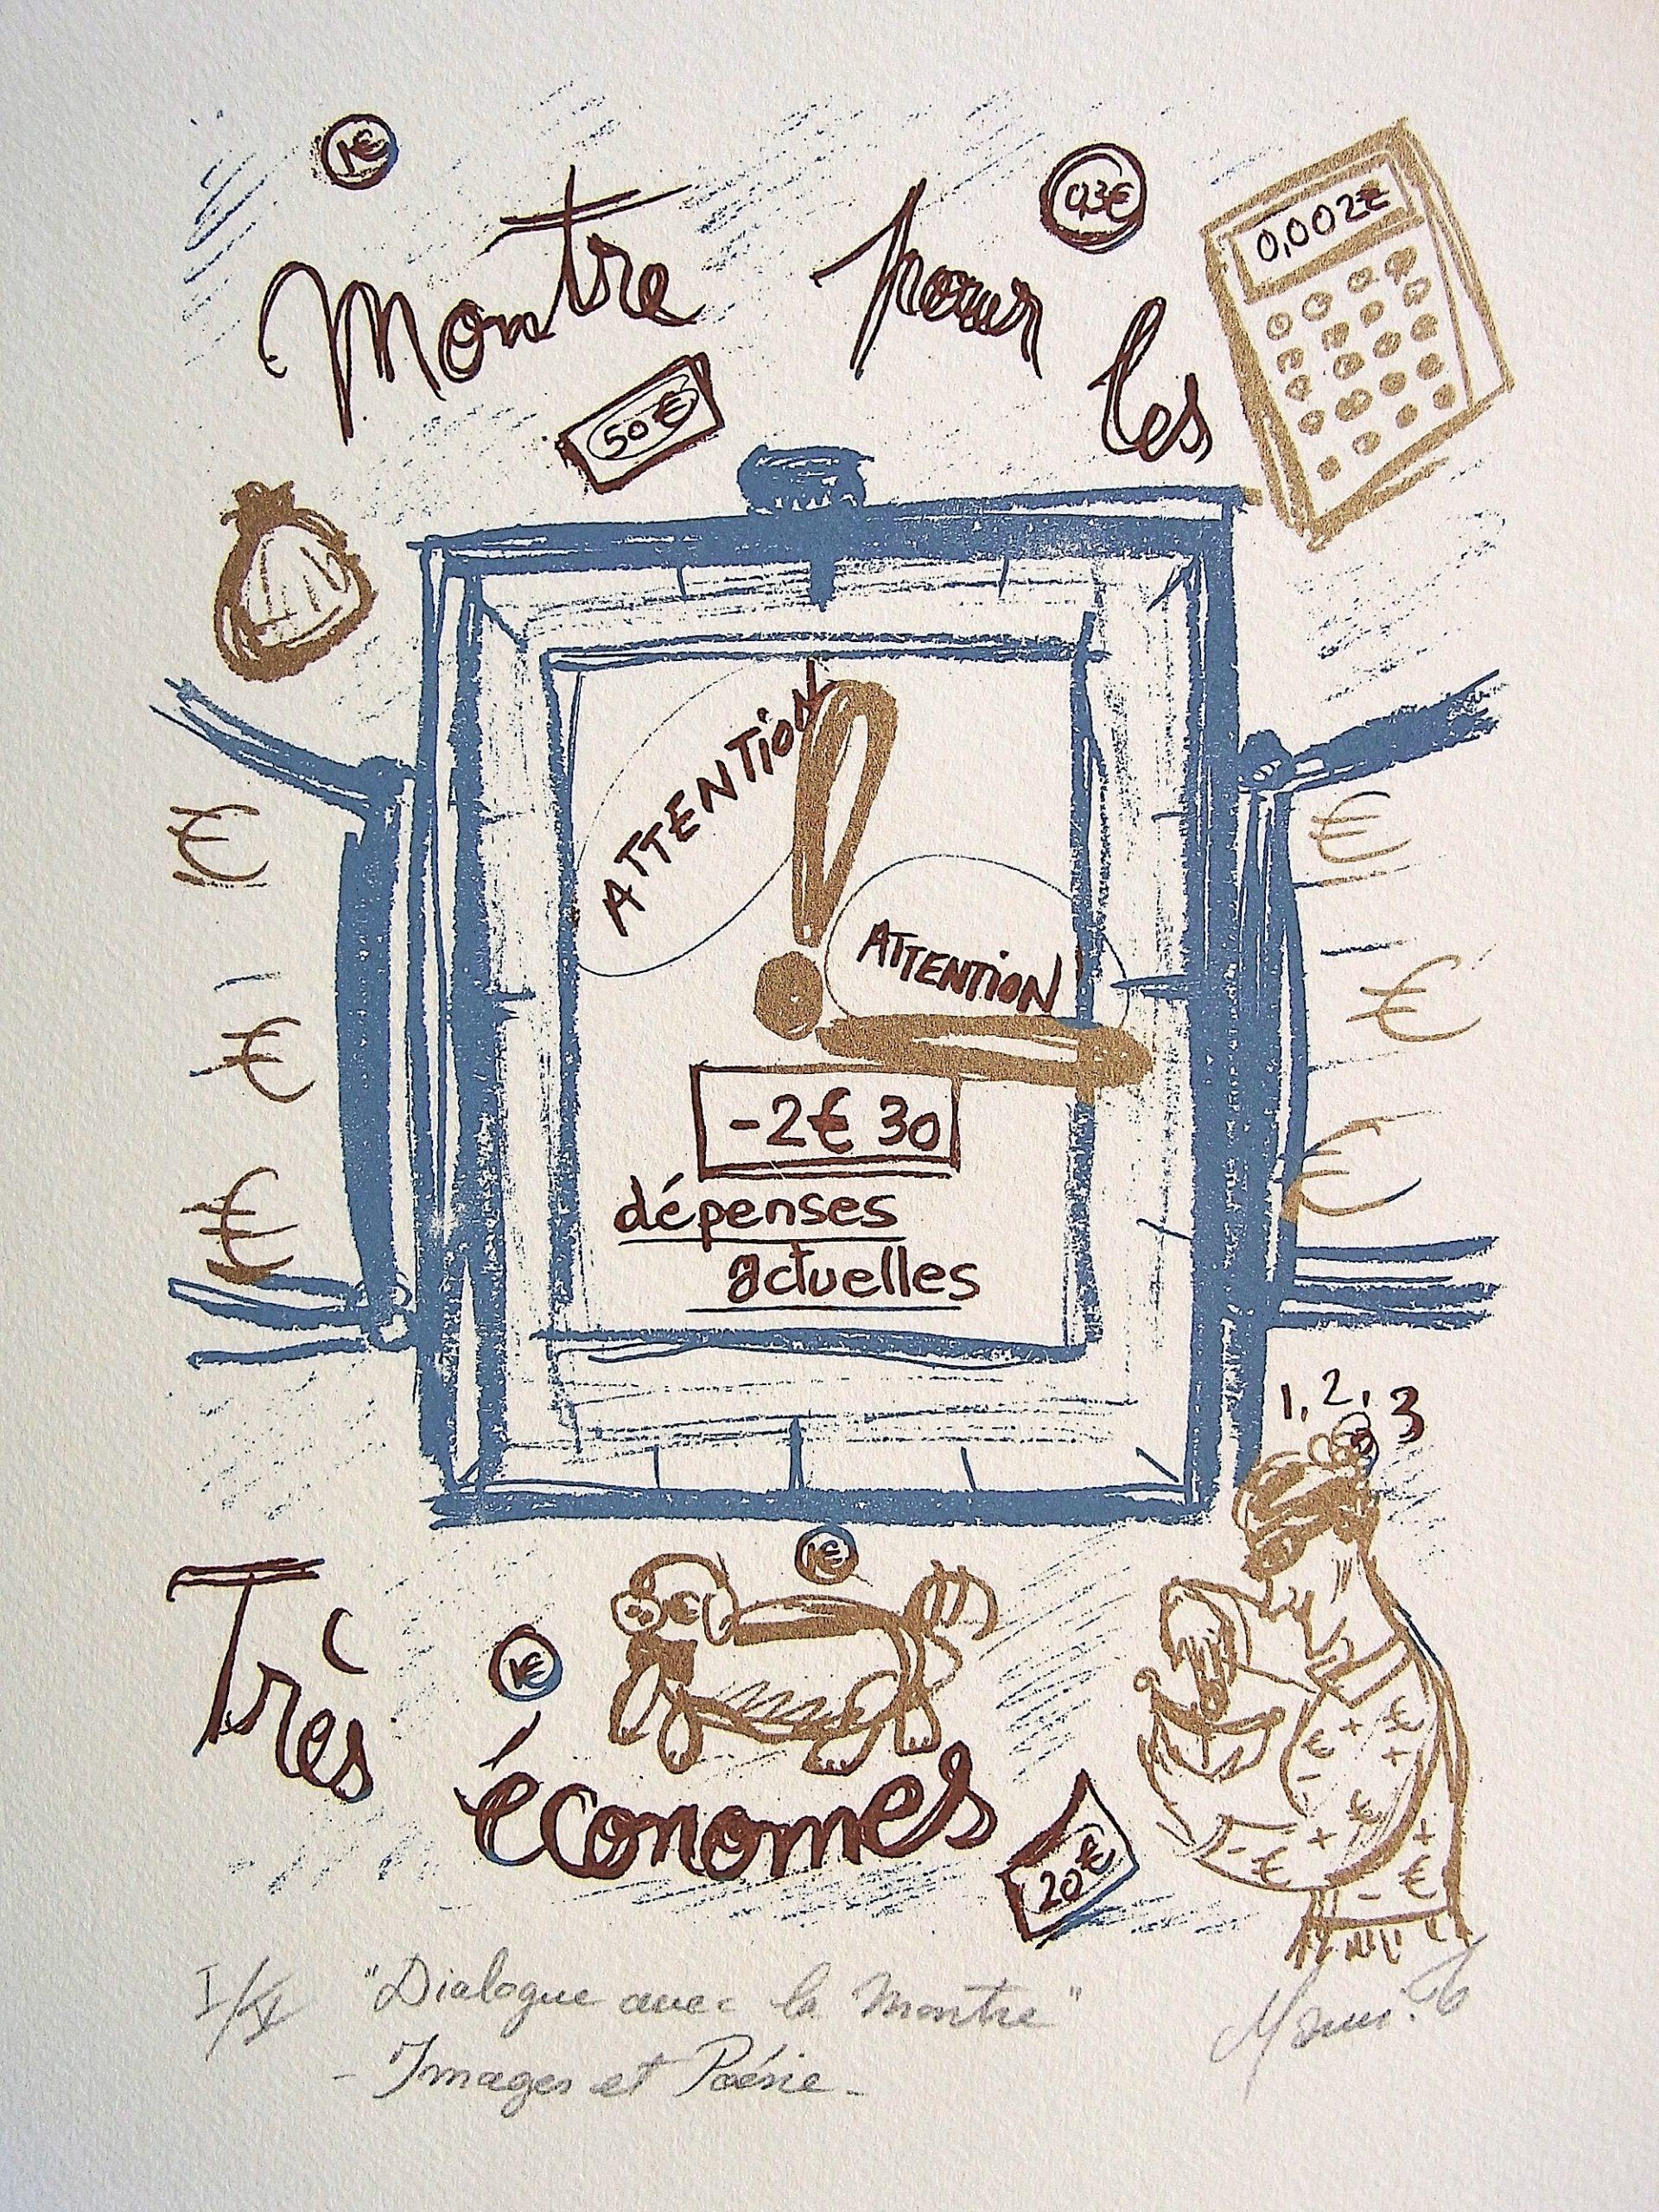 MAMI /Images et Poésie, Dialogue avec la Montre